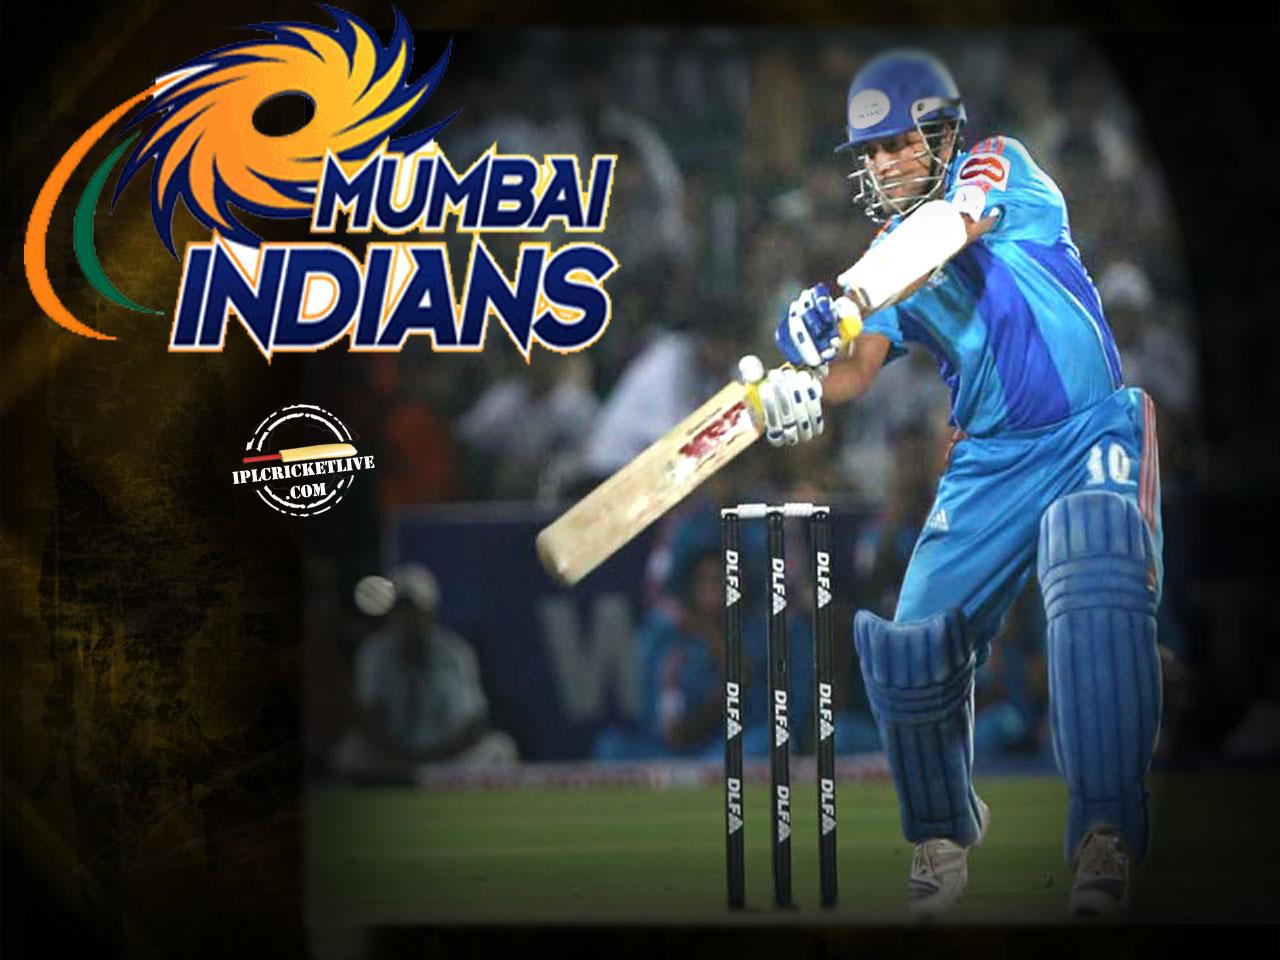 http://3.bp.blogspot.com/-NF6lwka3Q80/TbZWUikIZnI/AAAAAAAAAQg/gRcIYAAXf-U/s1600/mumbai-indians-ipl10.jpg